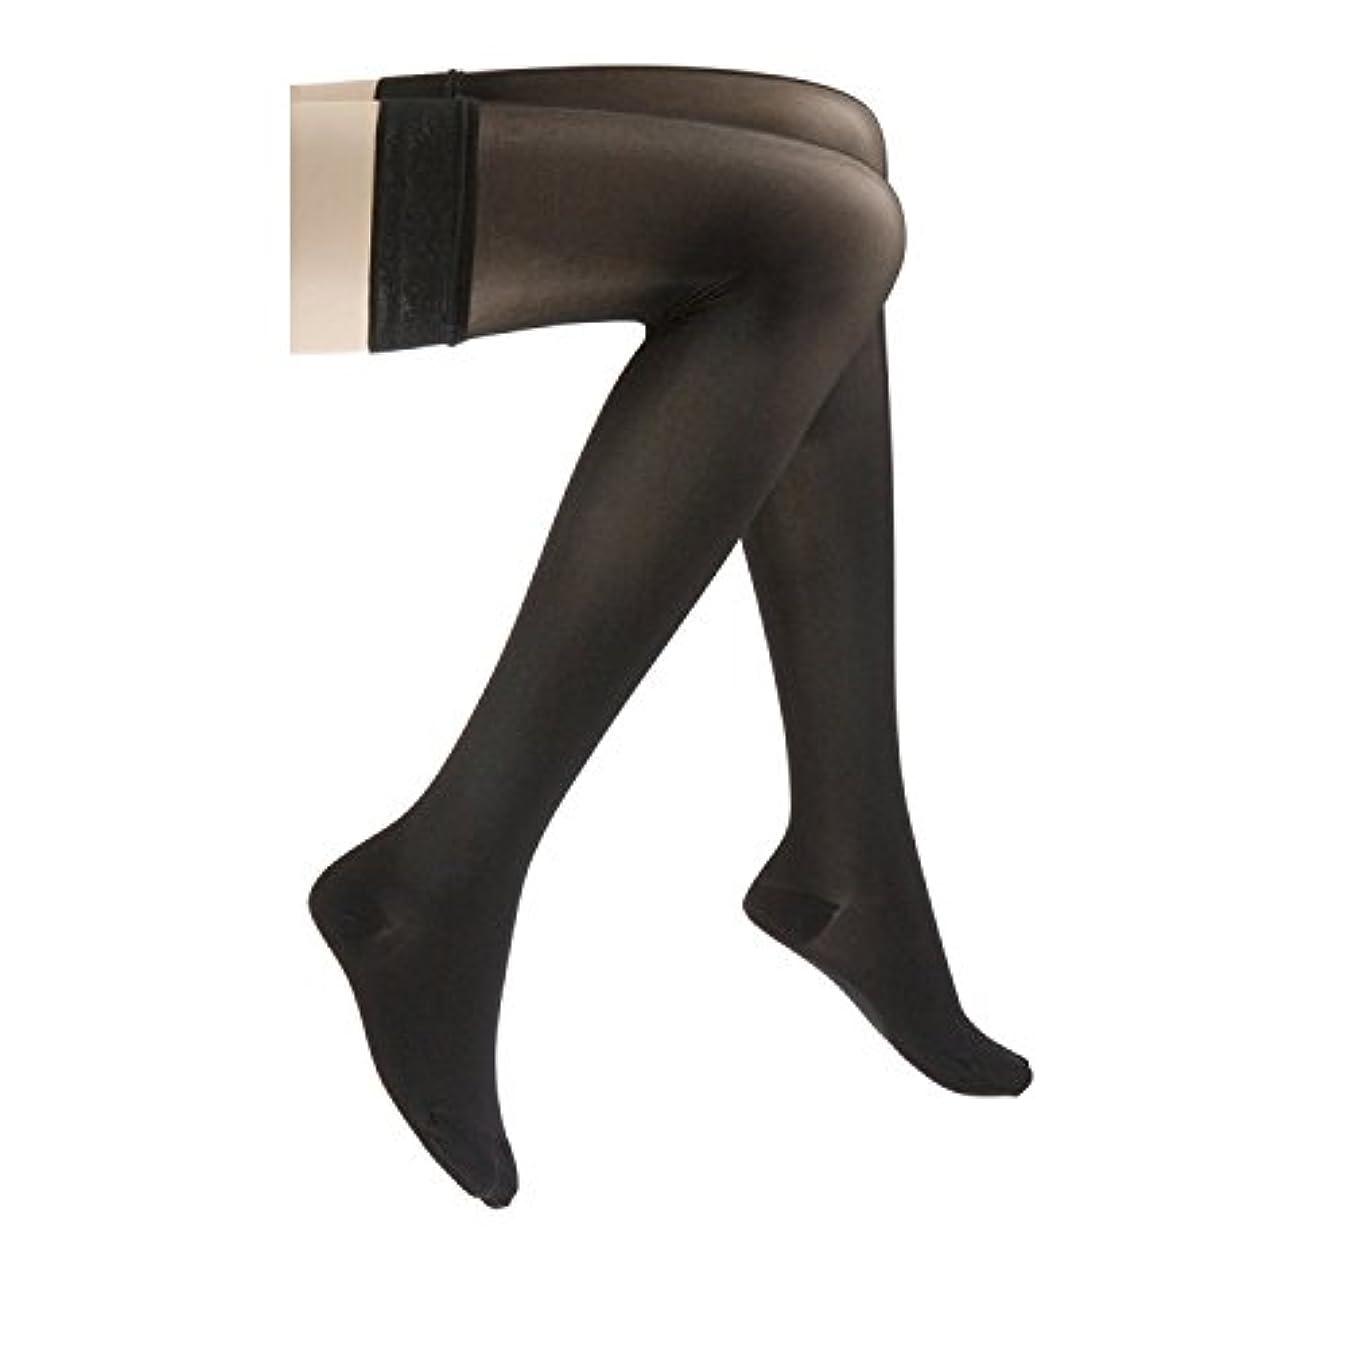 専門用語仕立て屋カプラーJobst 122251 Ultrasheer Thigh Highs 20-30 mmHg Firm with Lace Silicone Top Band - Classic Black Medium